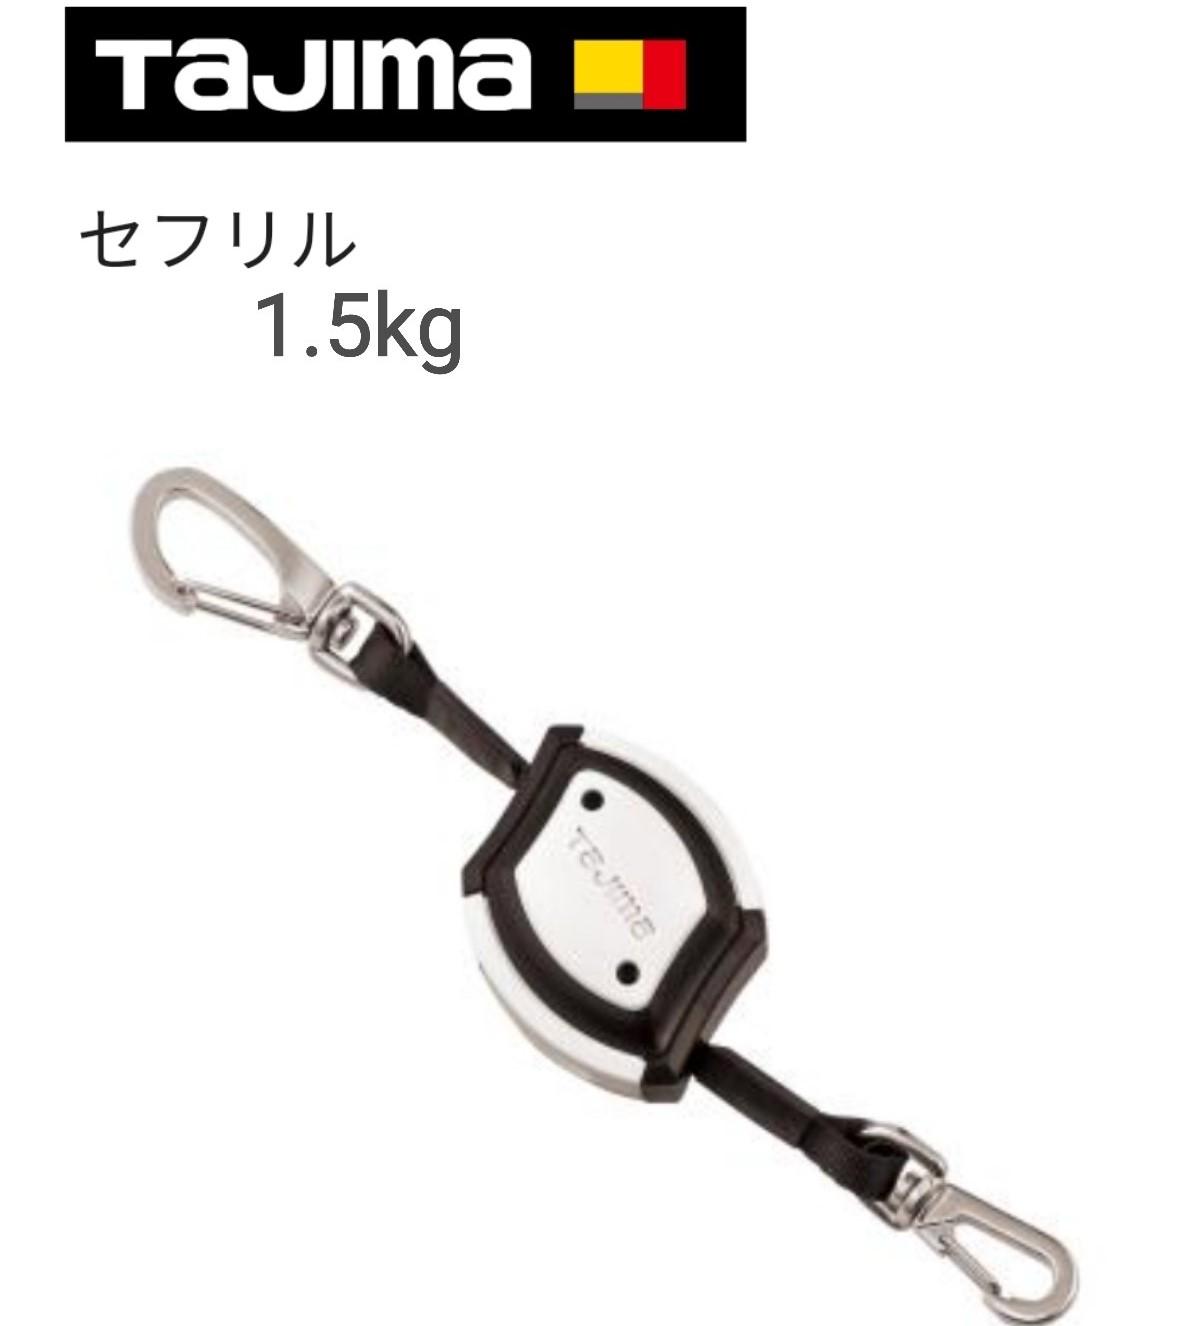 落下防止安全ロープ高所作業などに ふるさと割 タジマ TAJIMA セフリルAZ-SR取付け重量1.5kg リール巻取り式安全ロープ 高所作業用落下防止紐 価格